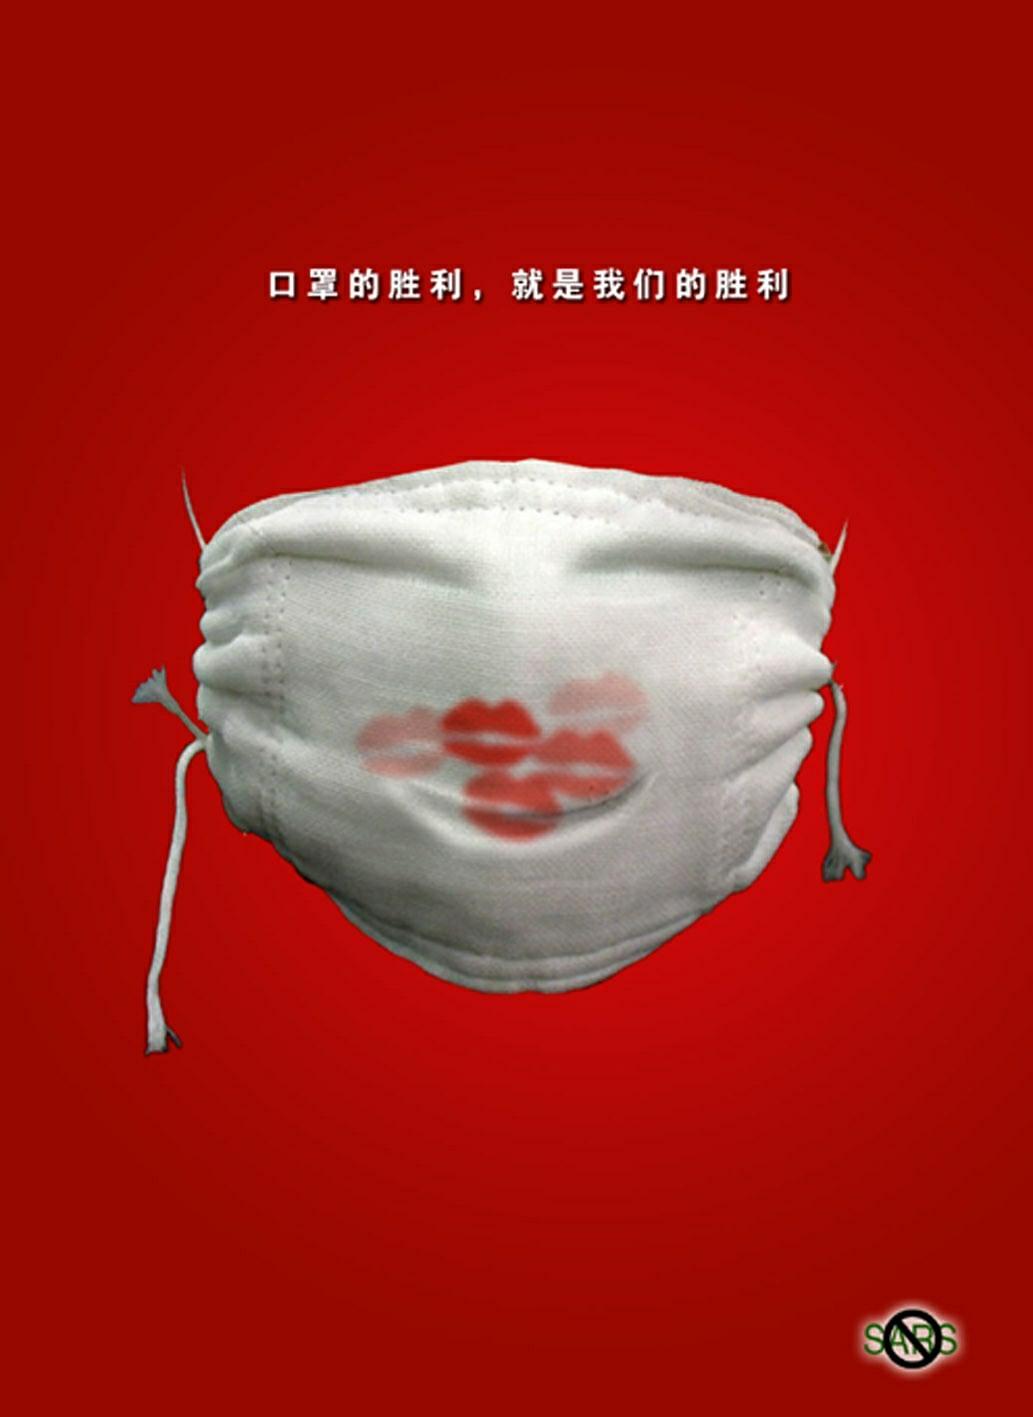 口罩公益海报设计